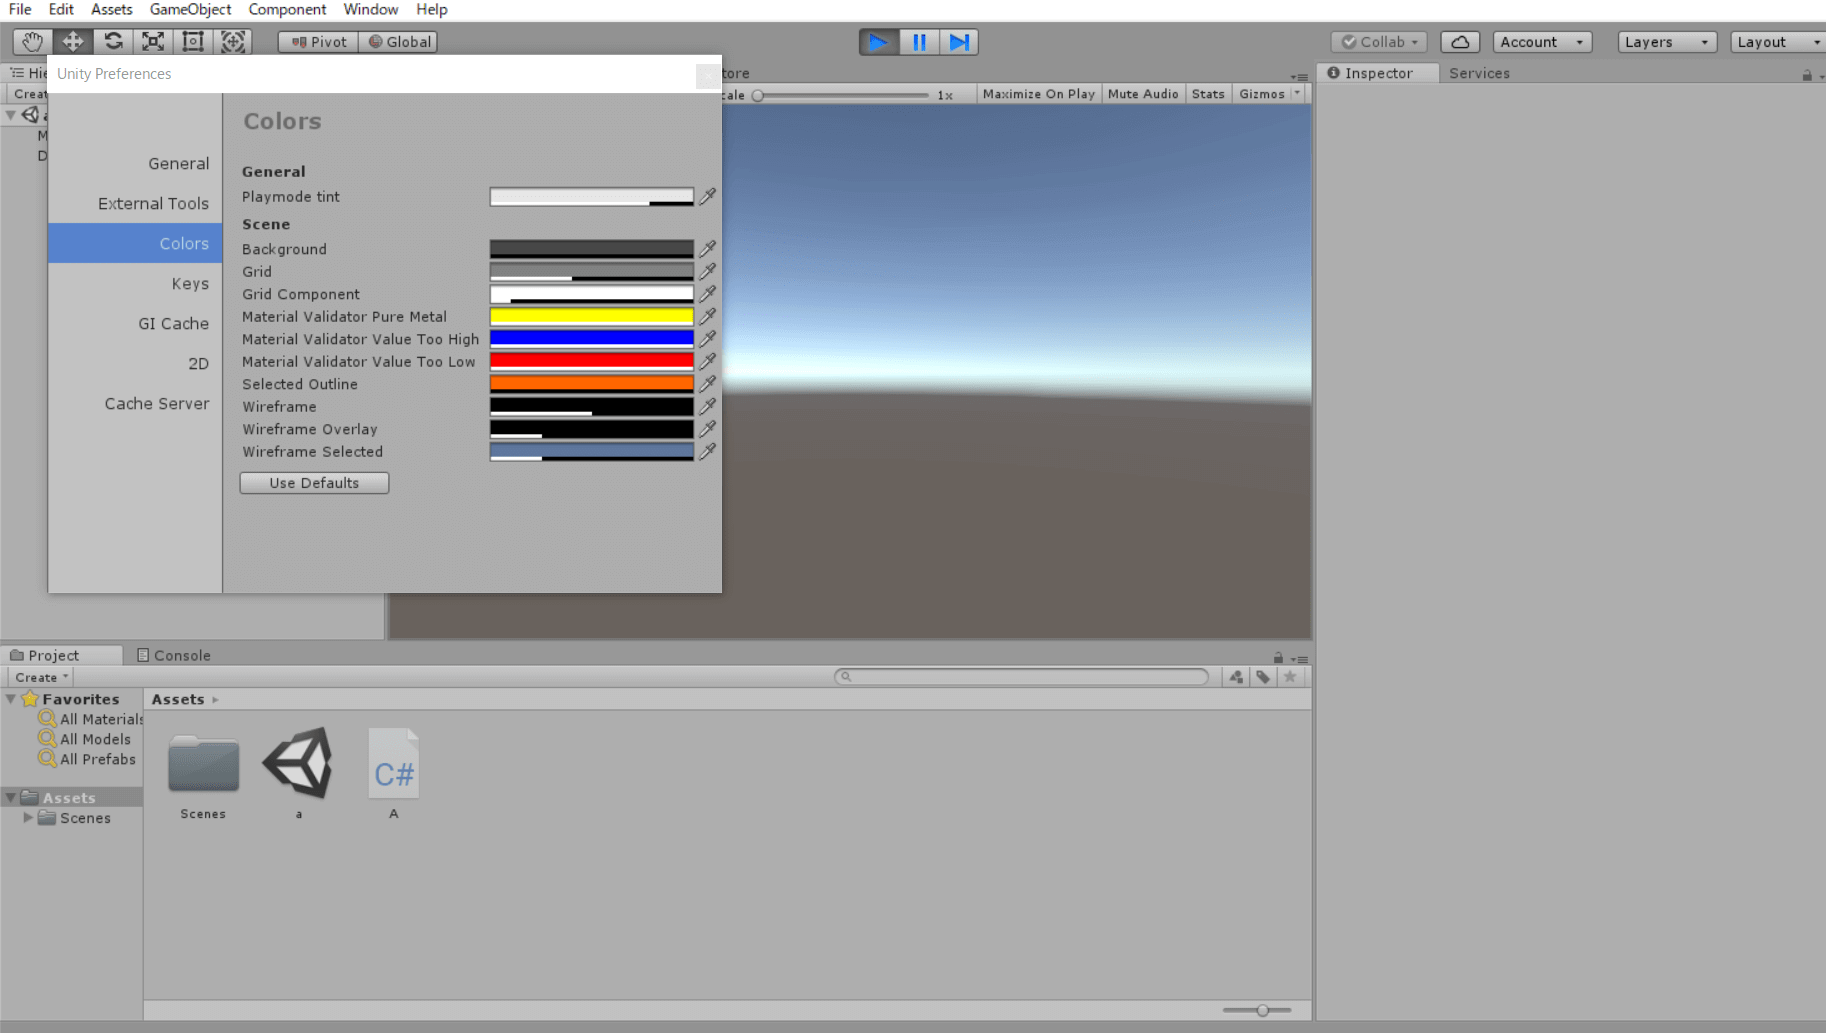 ゲーム実行時の画面の色を変更する